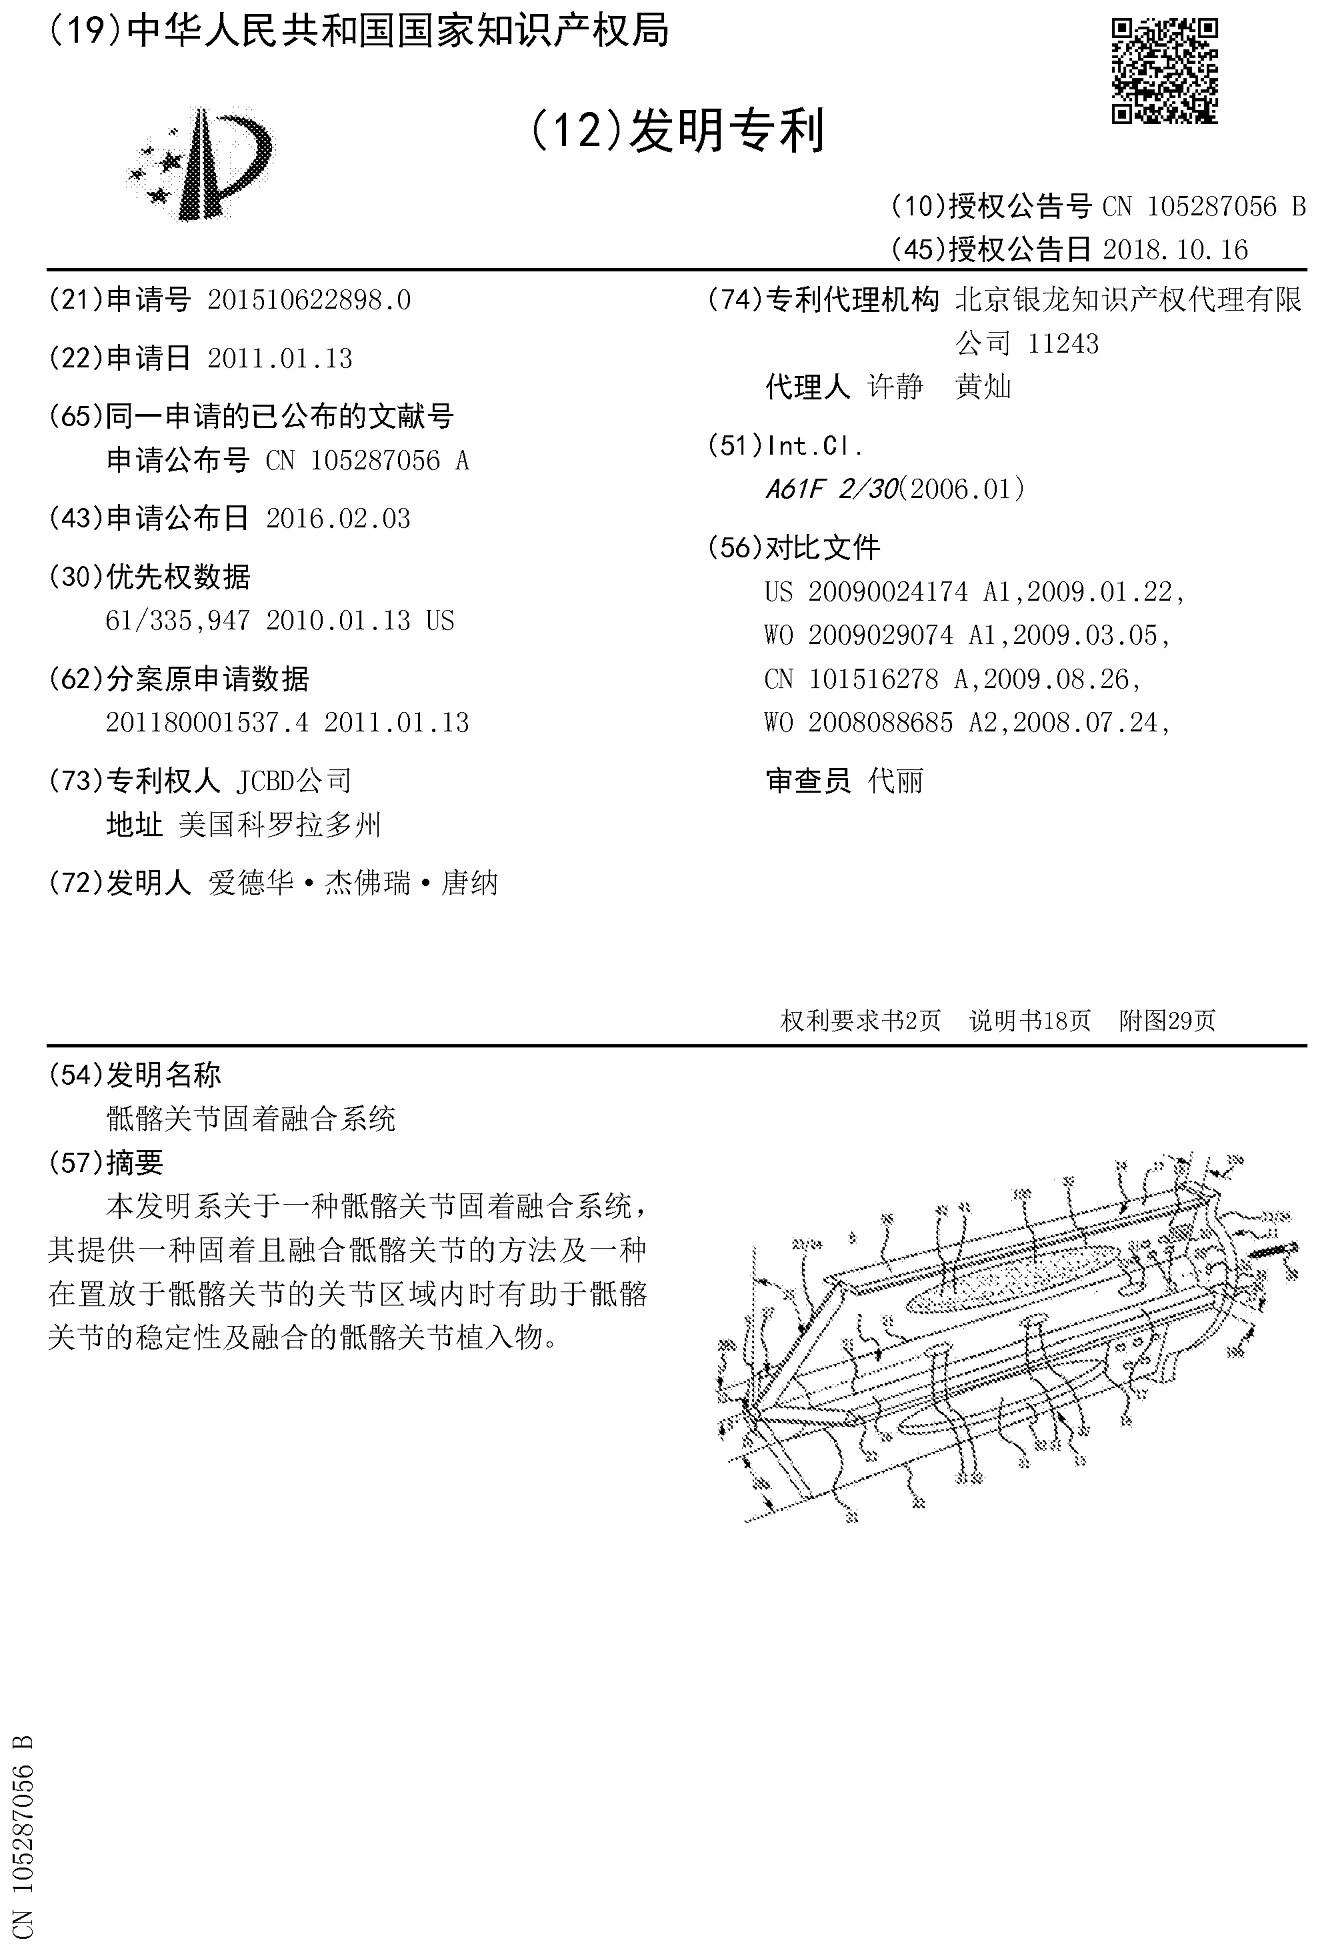 CN105287056Bcover.jpg